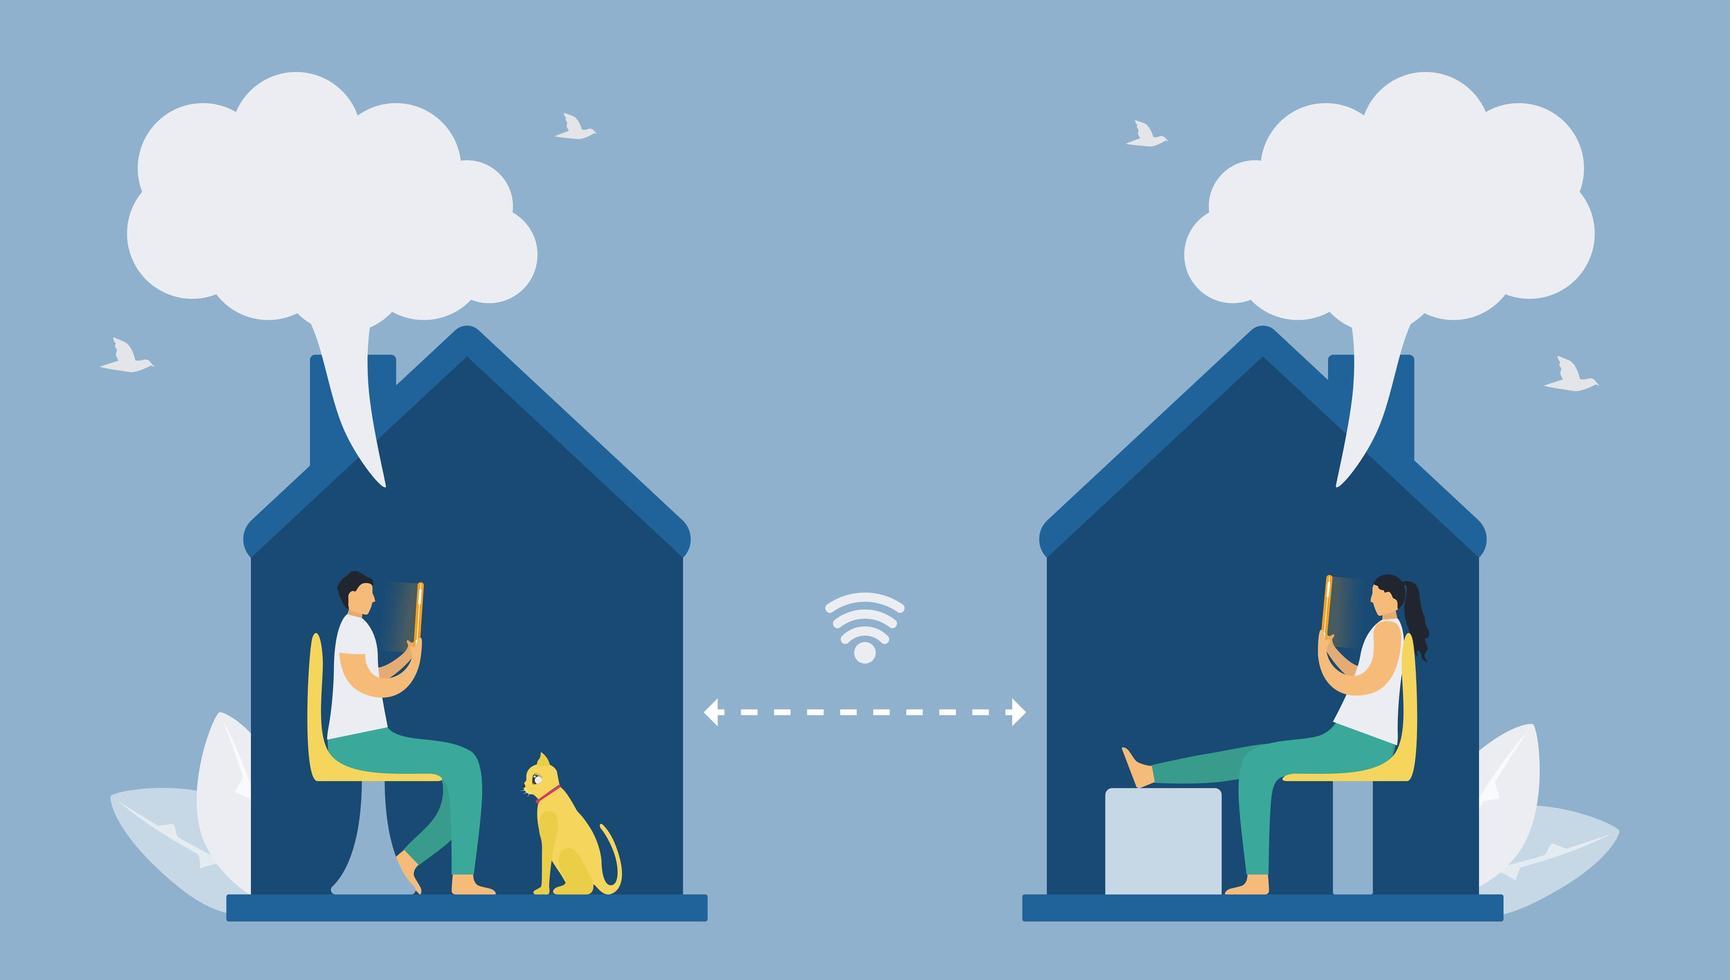 distanciamiento social con tecnología de teléfonos inteligentes vector